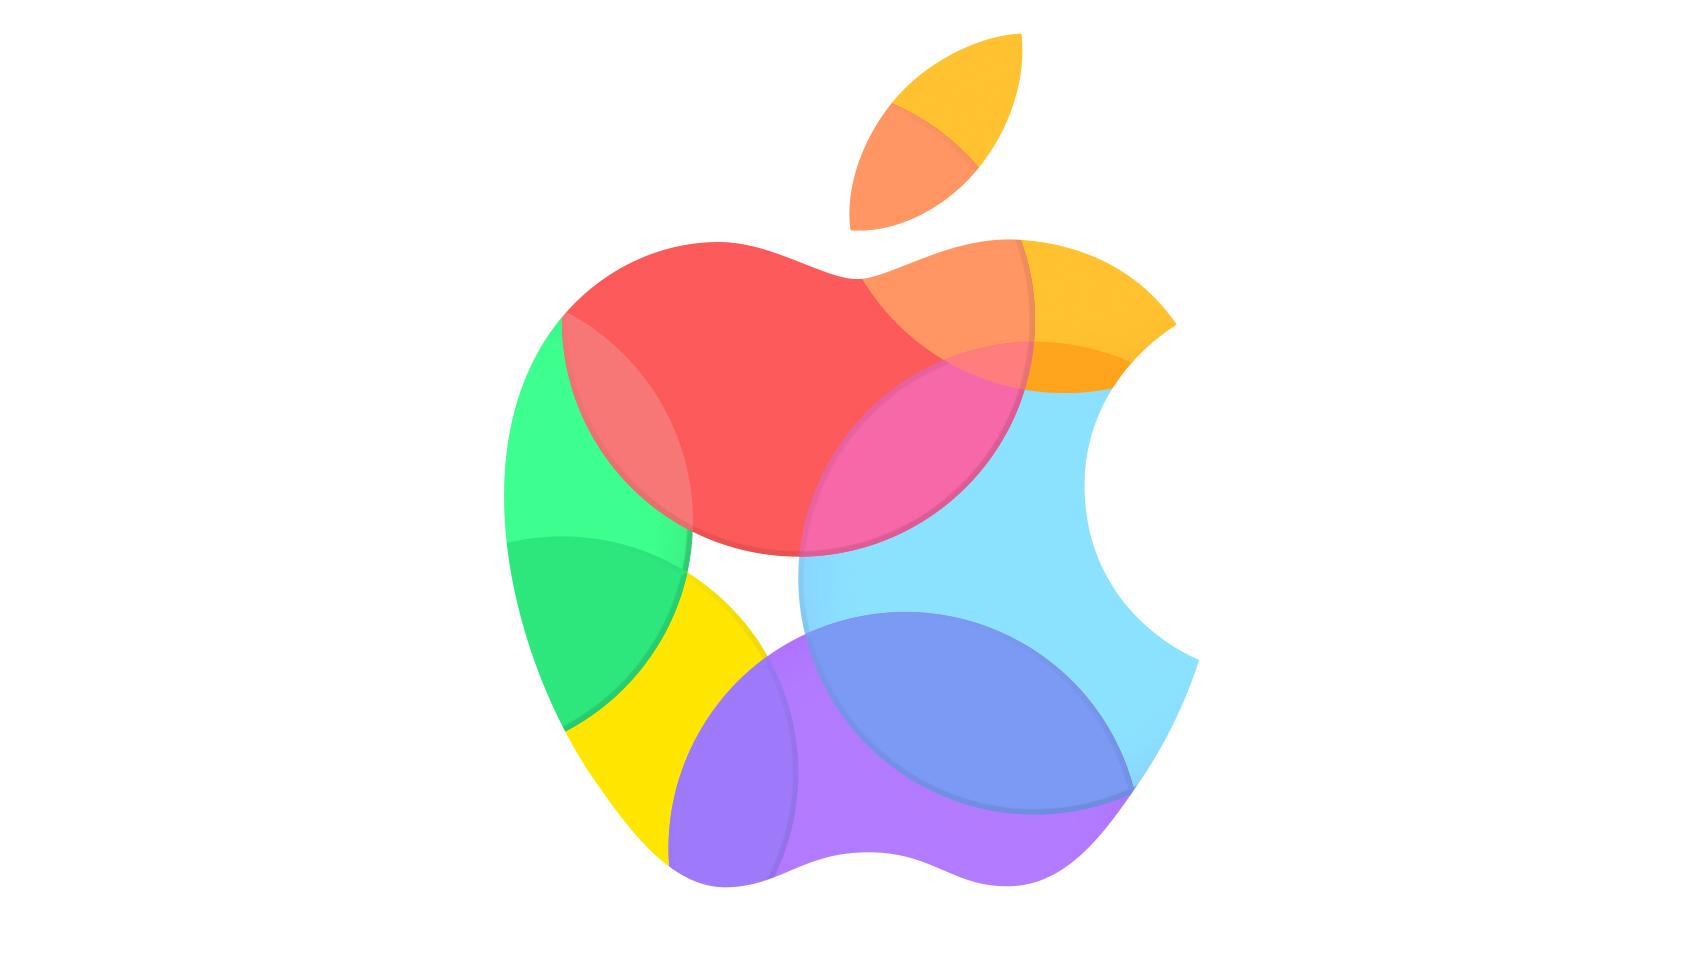 Apple: App Store rinnovato, ok abbonamenti e pubblicità